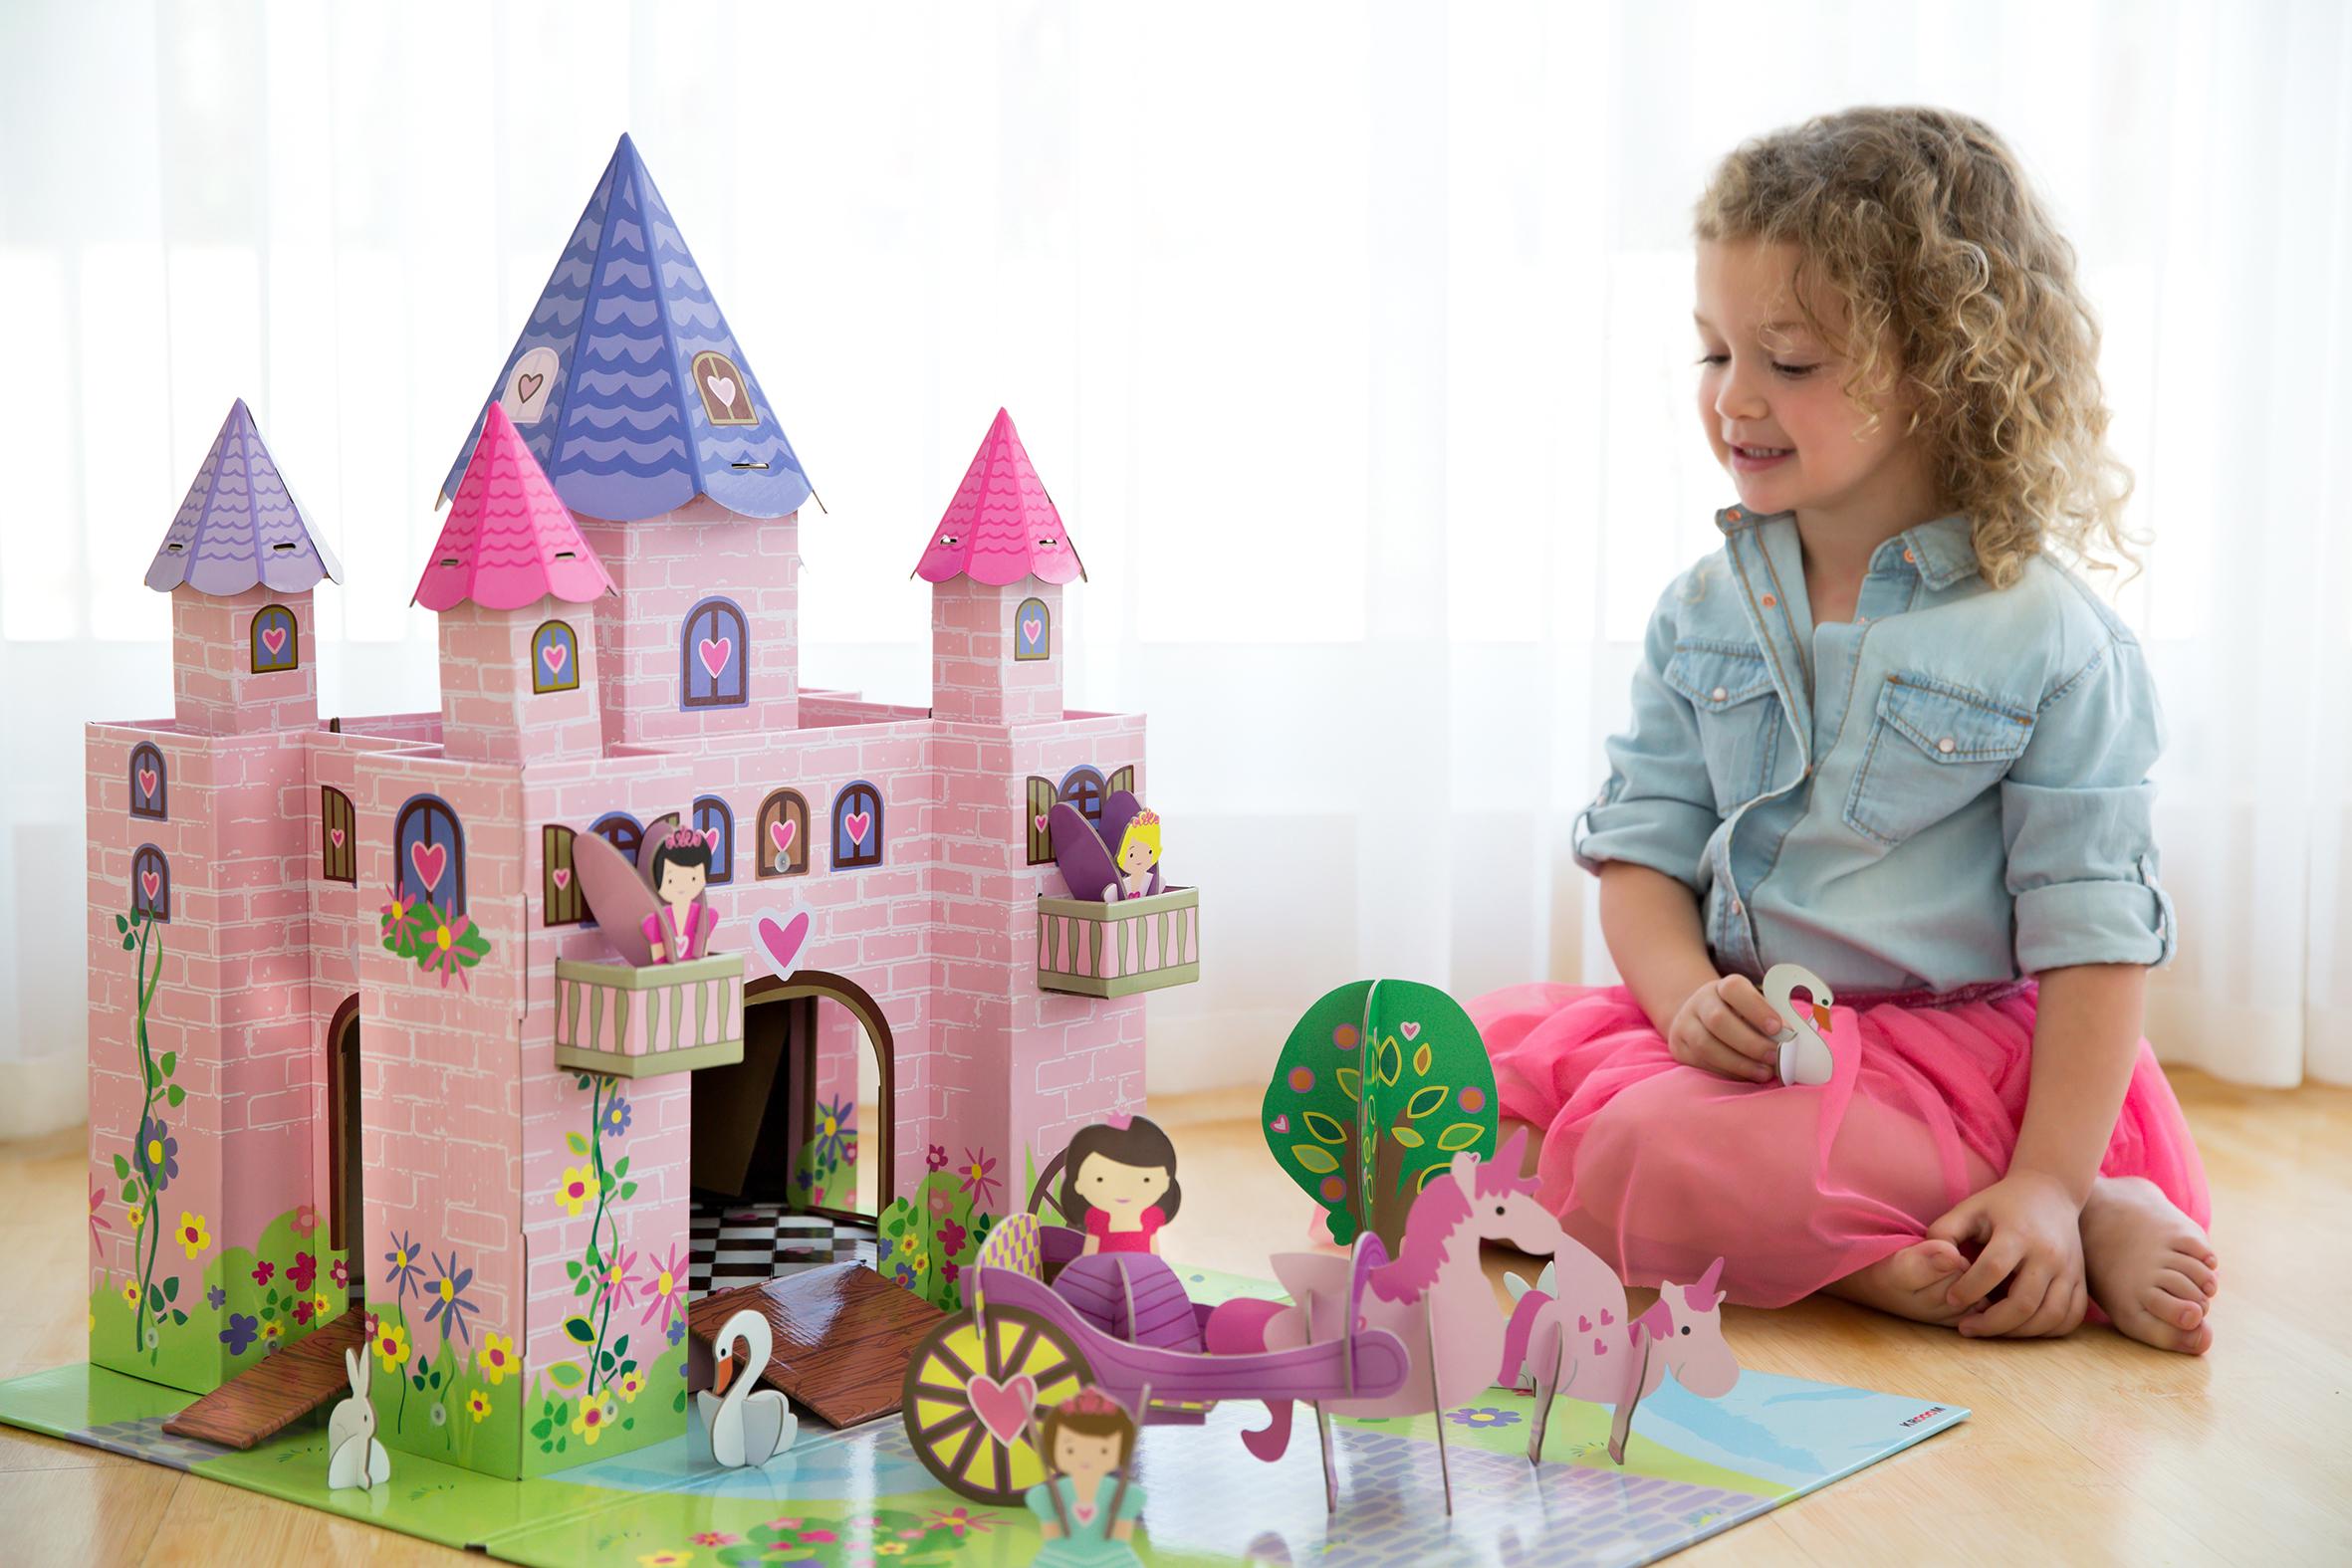 id e de jouet pour enfant ch teau de princesse trinny krooom guide du jouet pour enfant. Black Bedroom Furniture Sets. Home Design Ideas